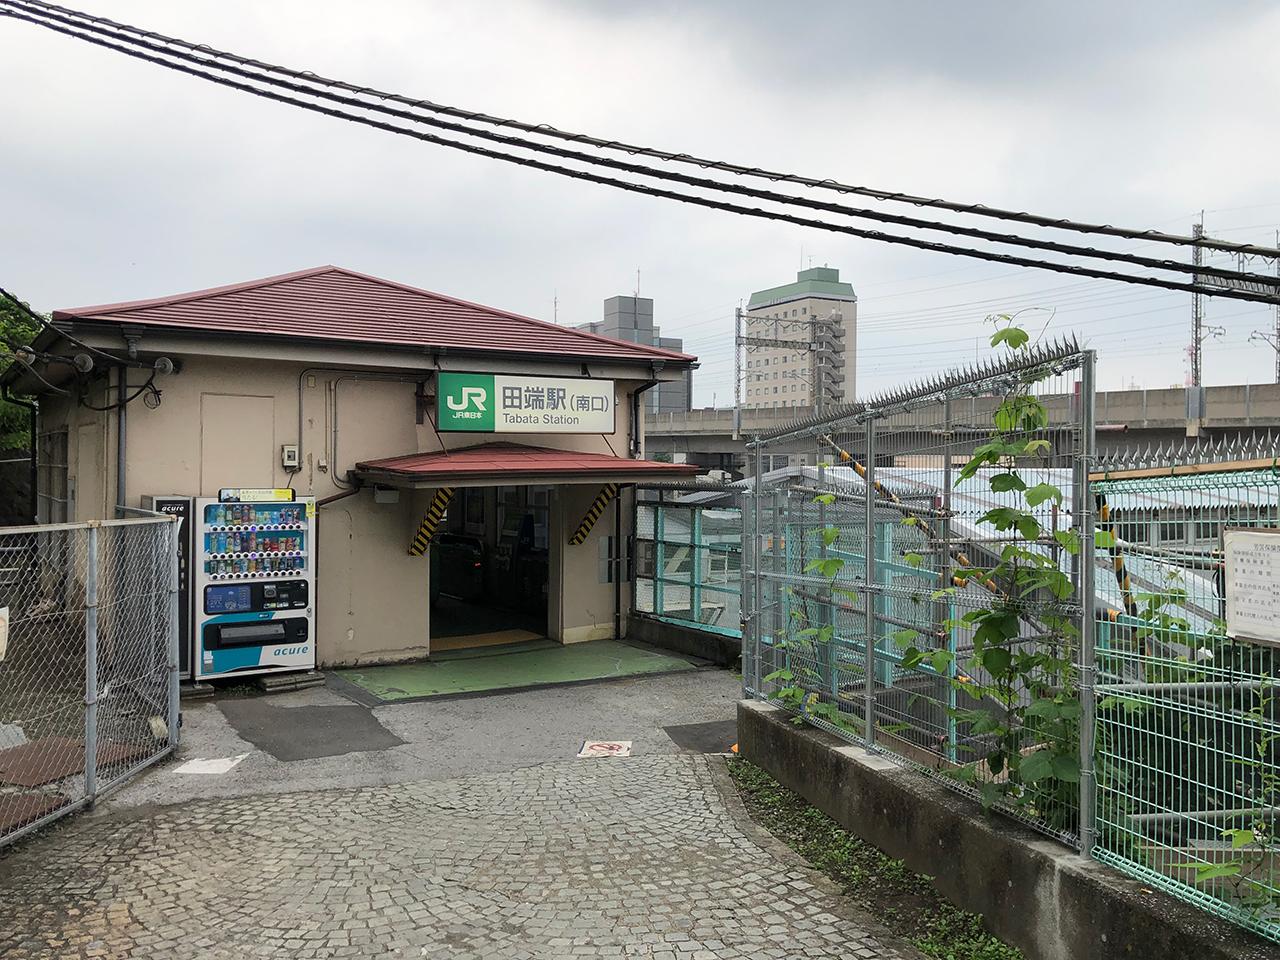 JR田端駅南口